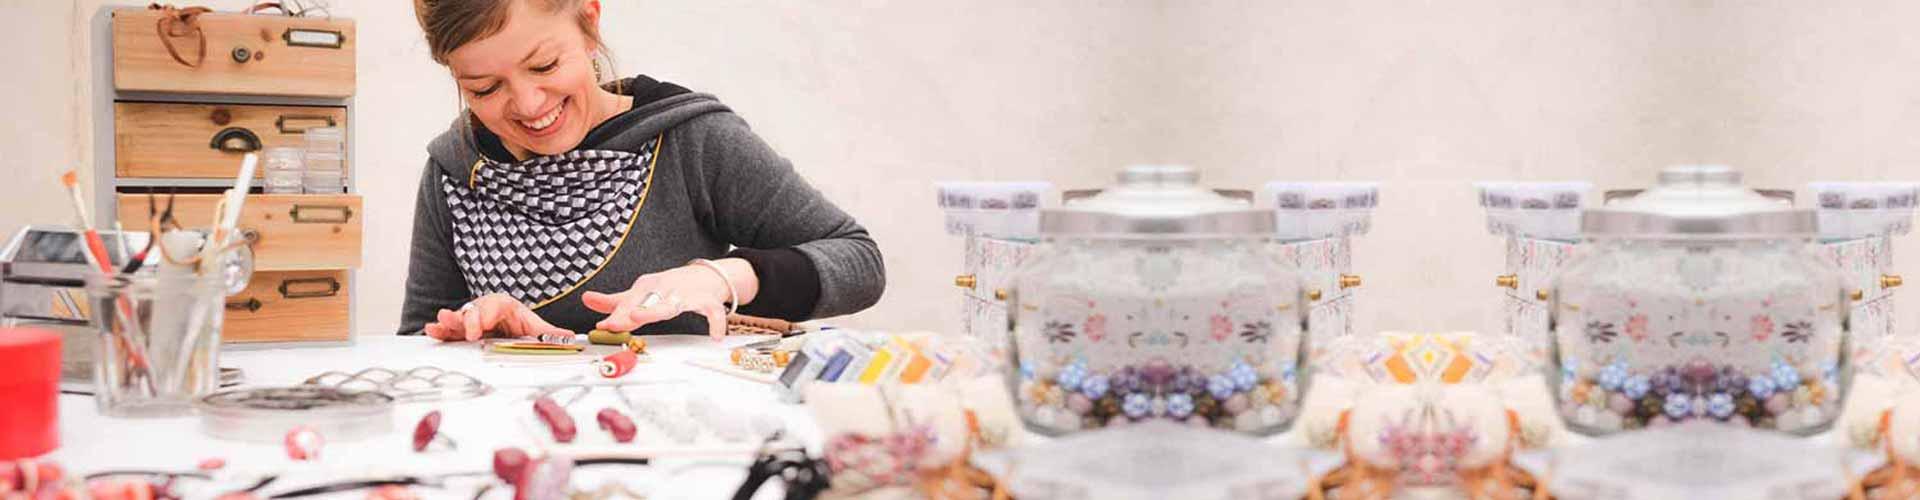 L'atelier de Marion, création de bijoux artisanaux dans l'Hérault